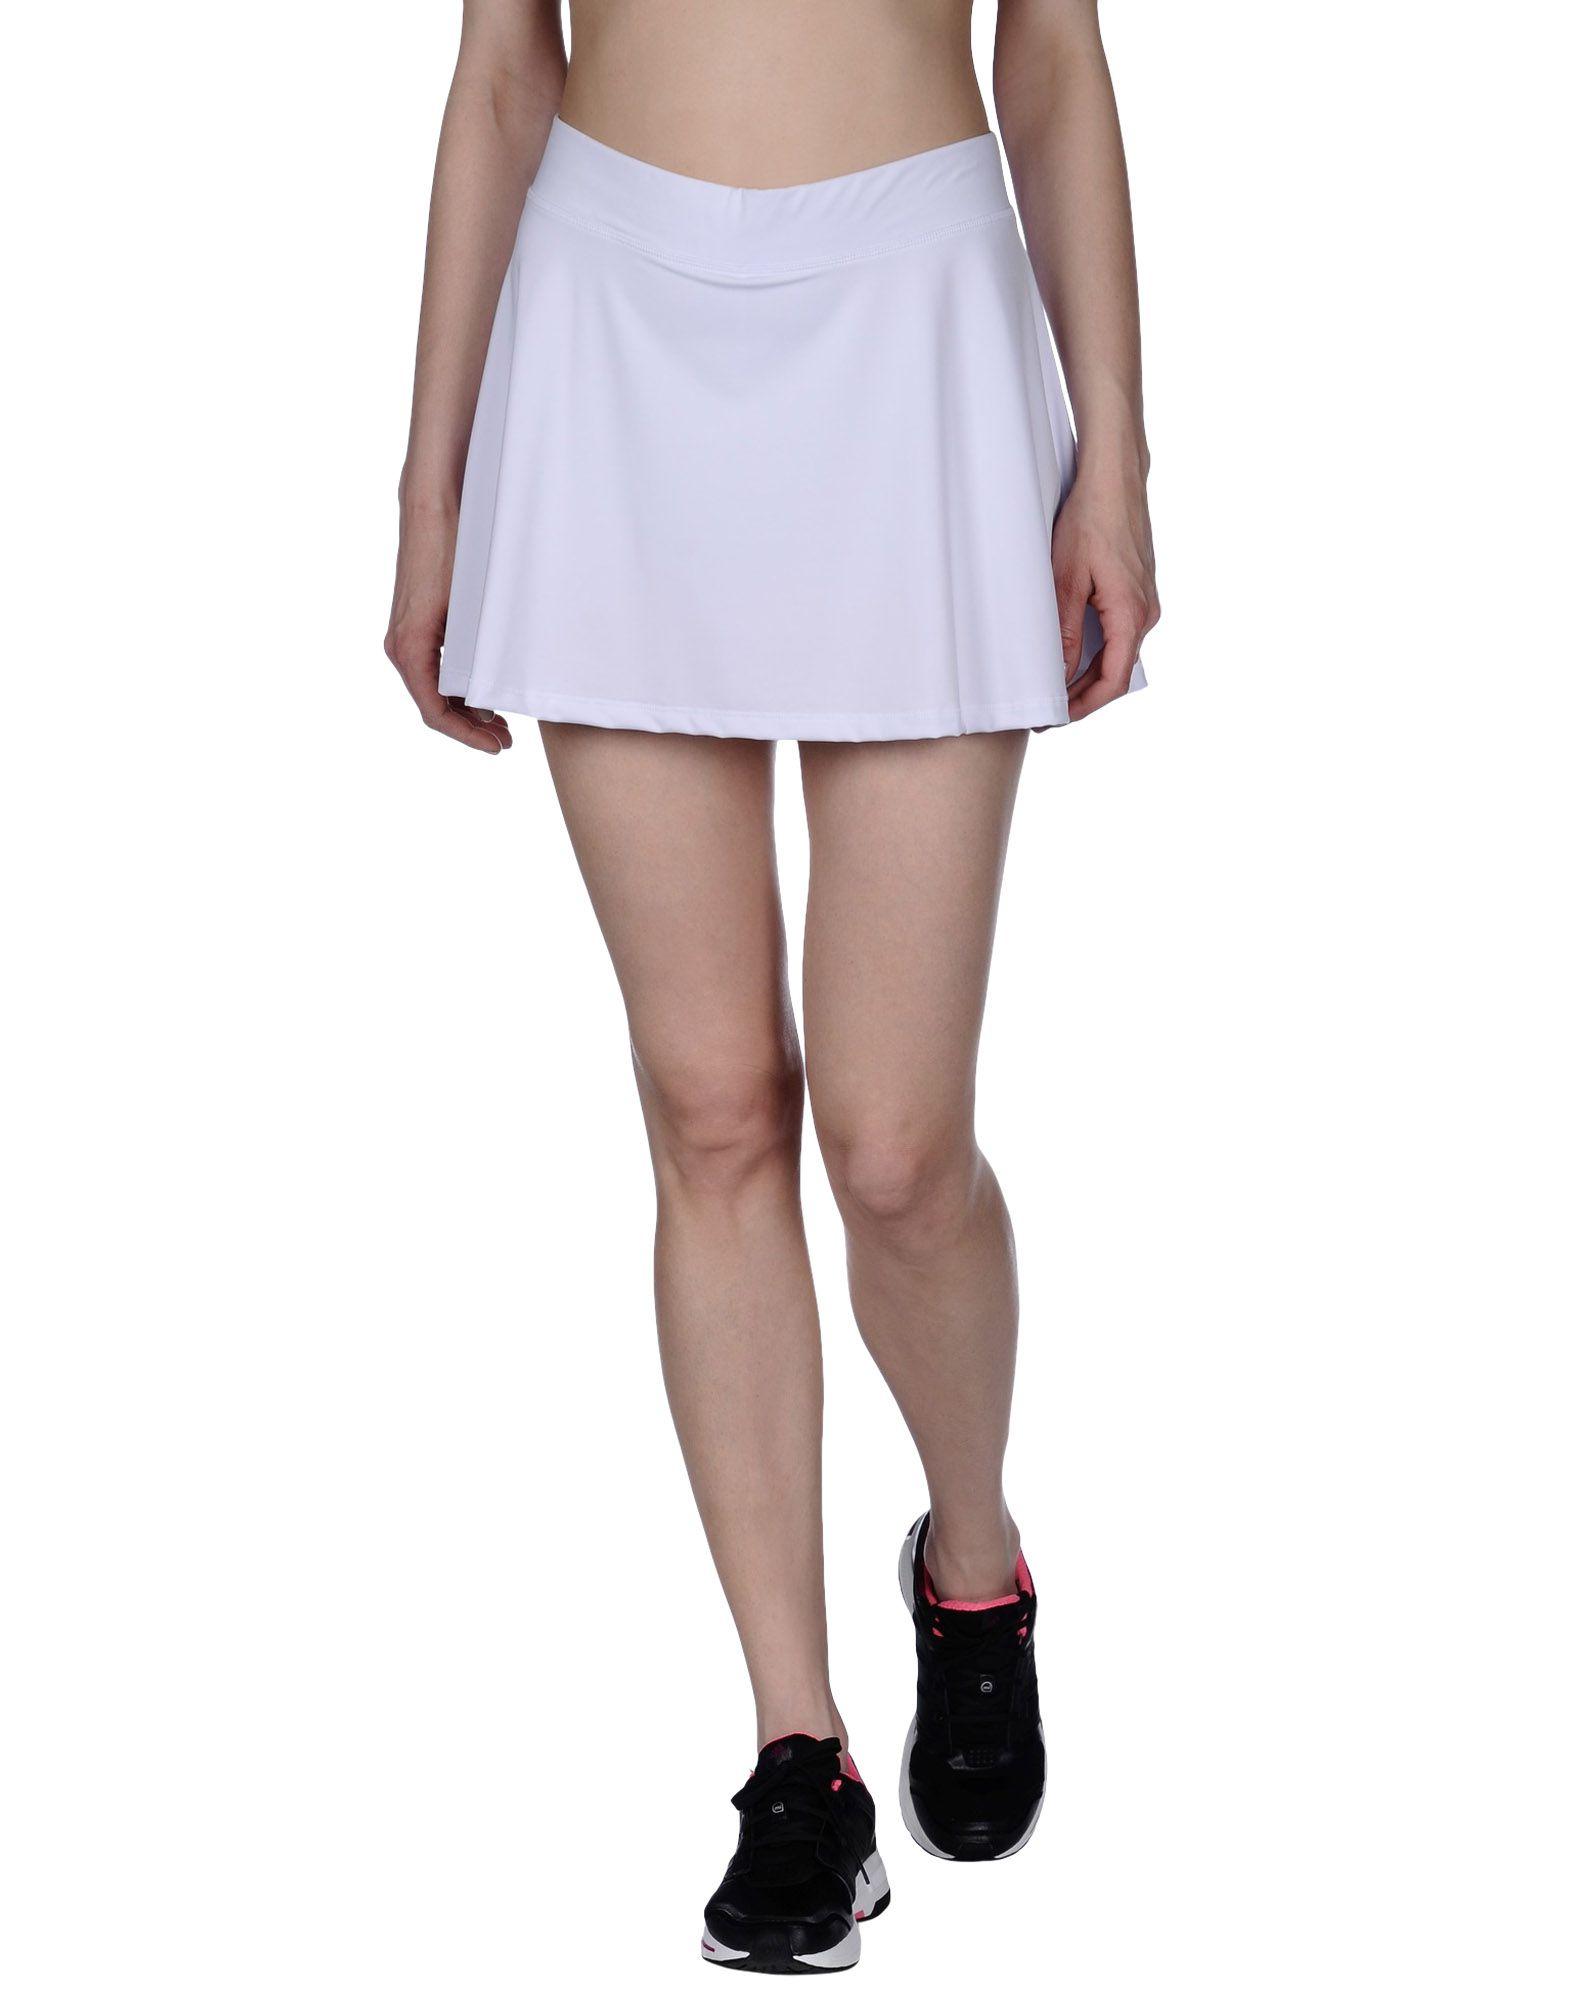 035d7079ee6 Le Coq Sportif Mini Skirt in White - Lyst